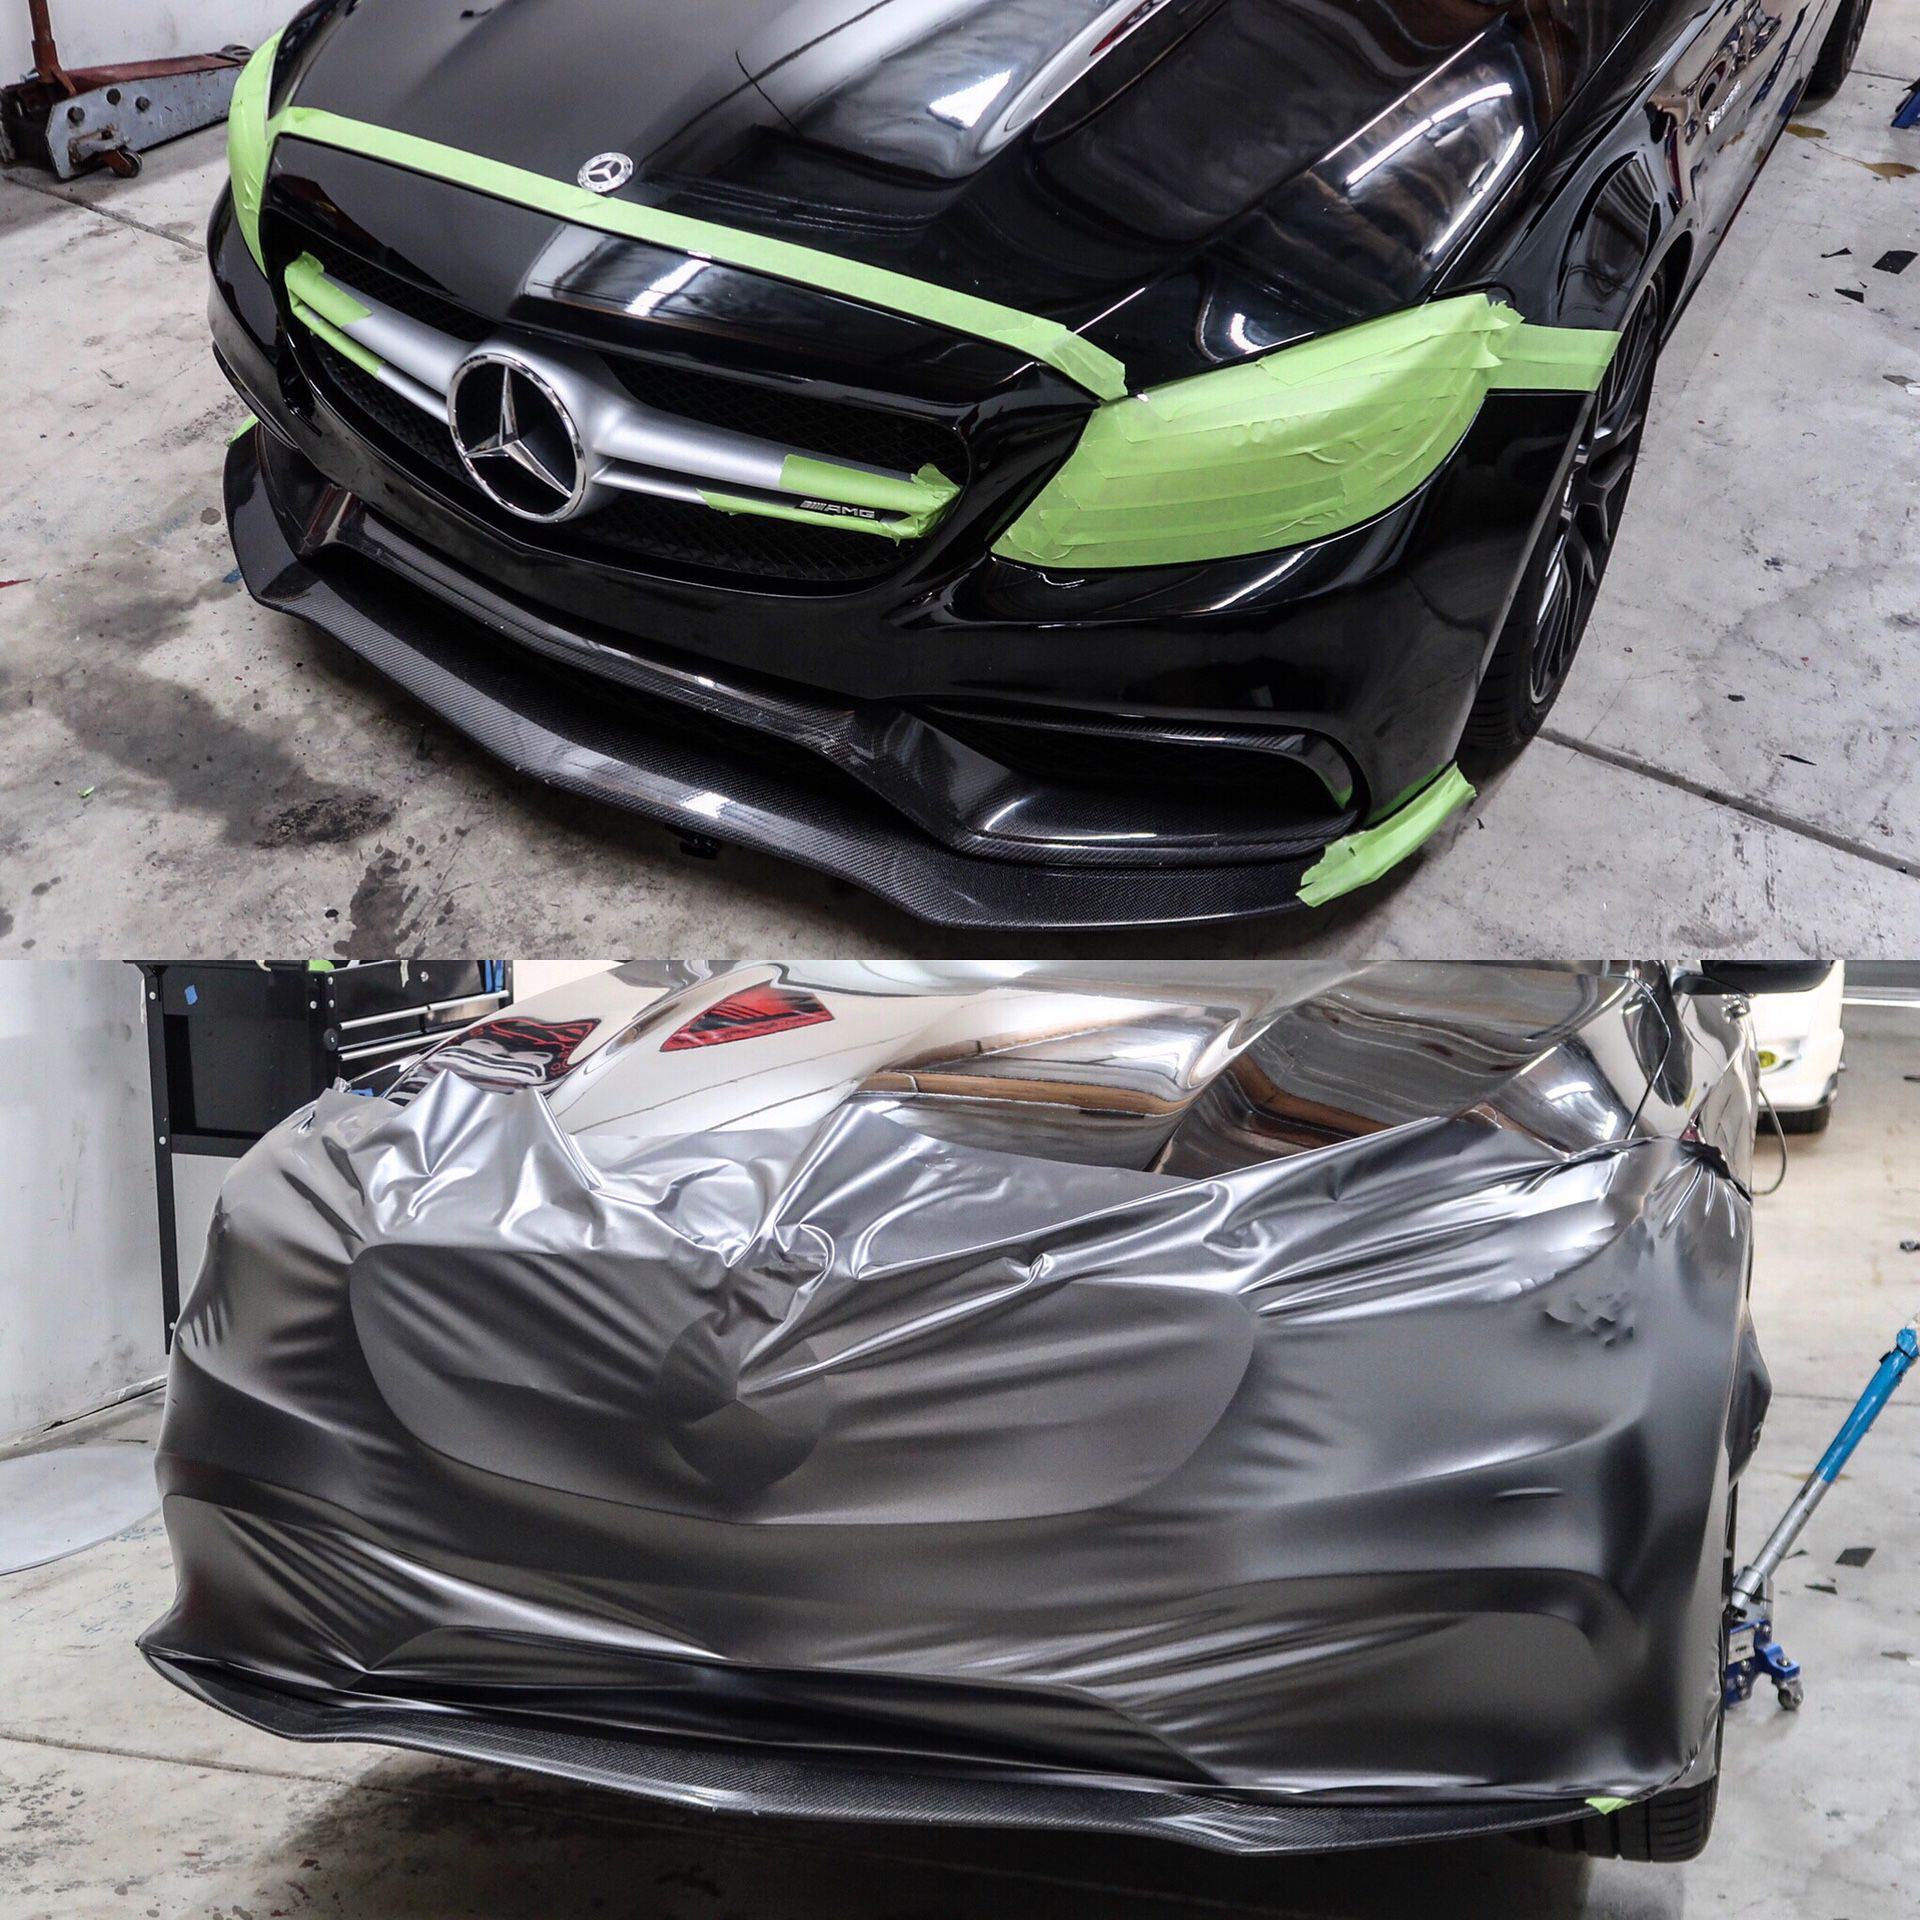 Vinyl wrap Mercedes Benz amg chevy Camaro Zr1 zl1 challenger